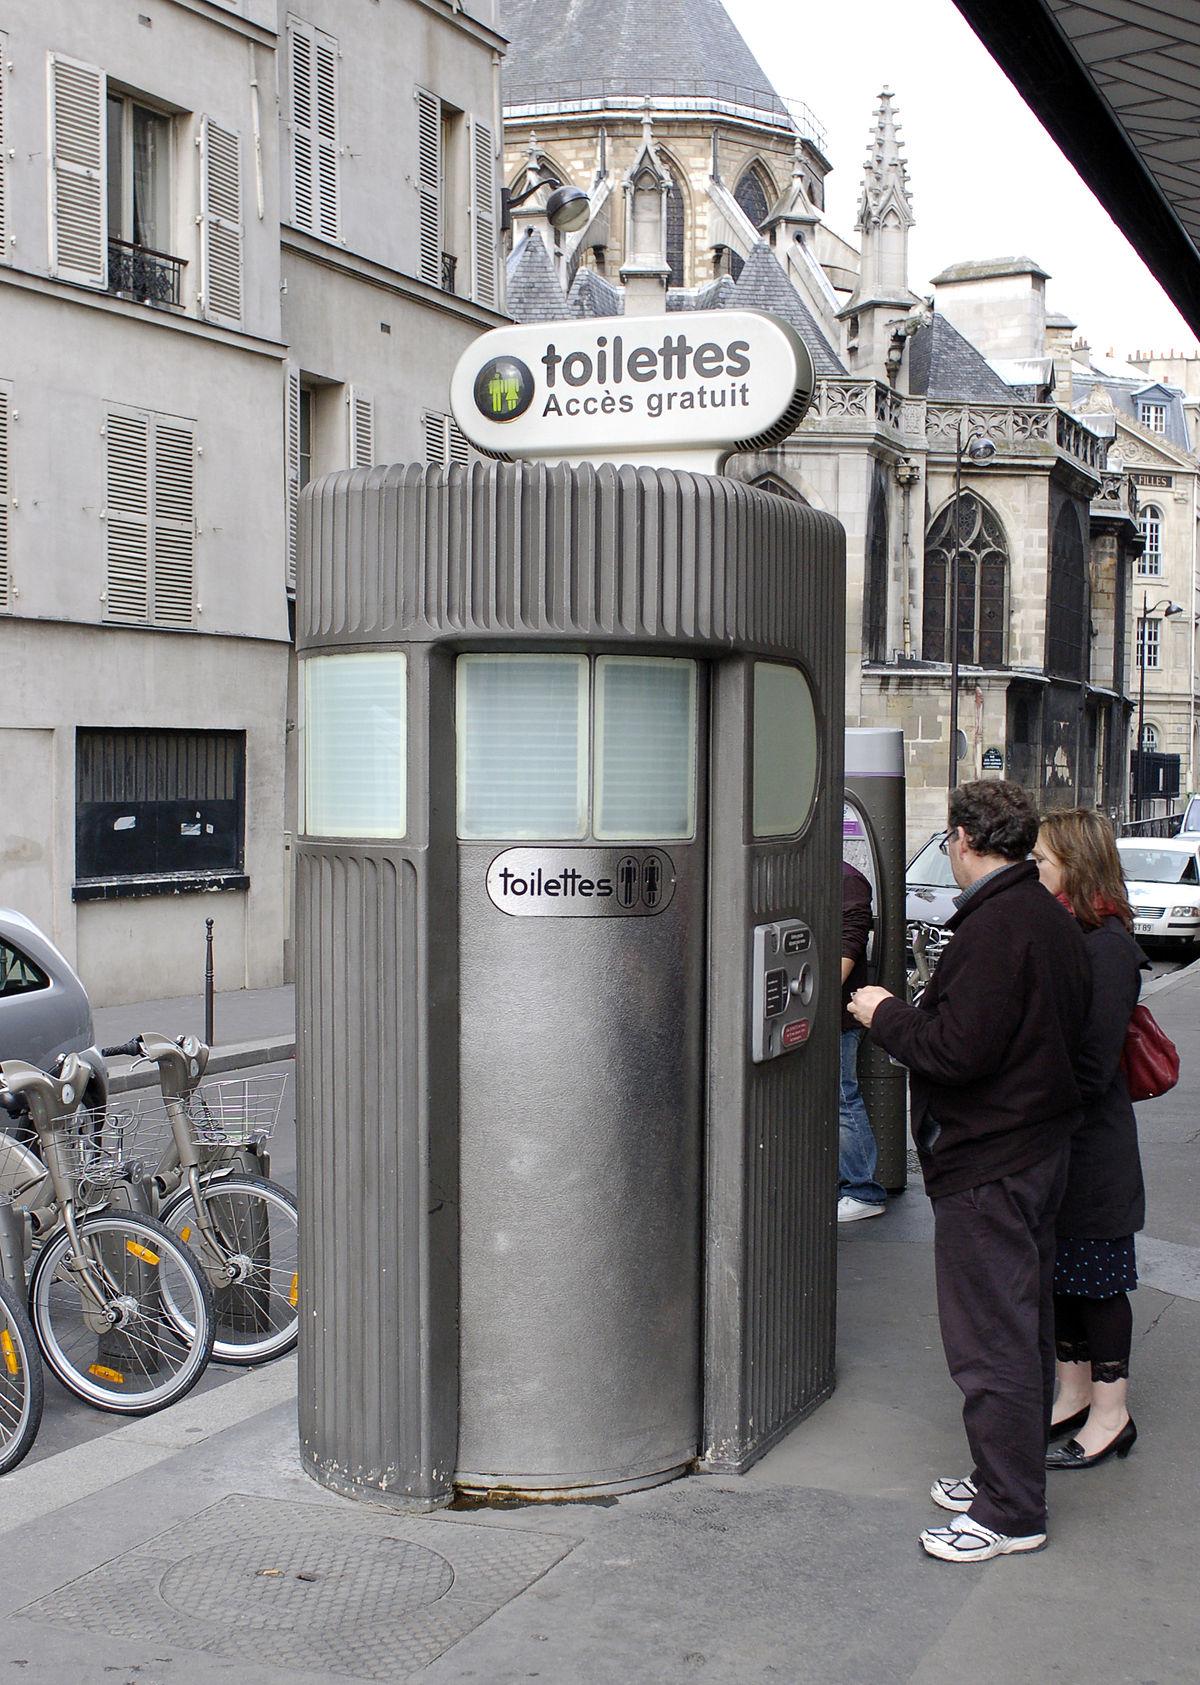 pay toilet - wikipedia